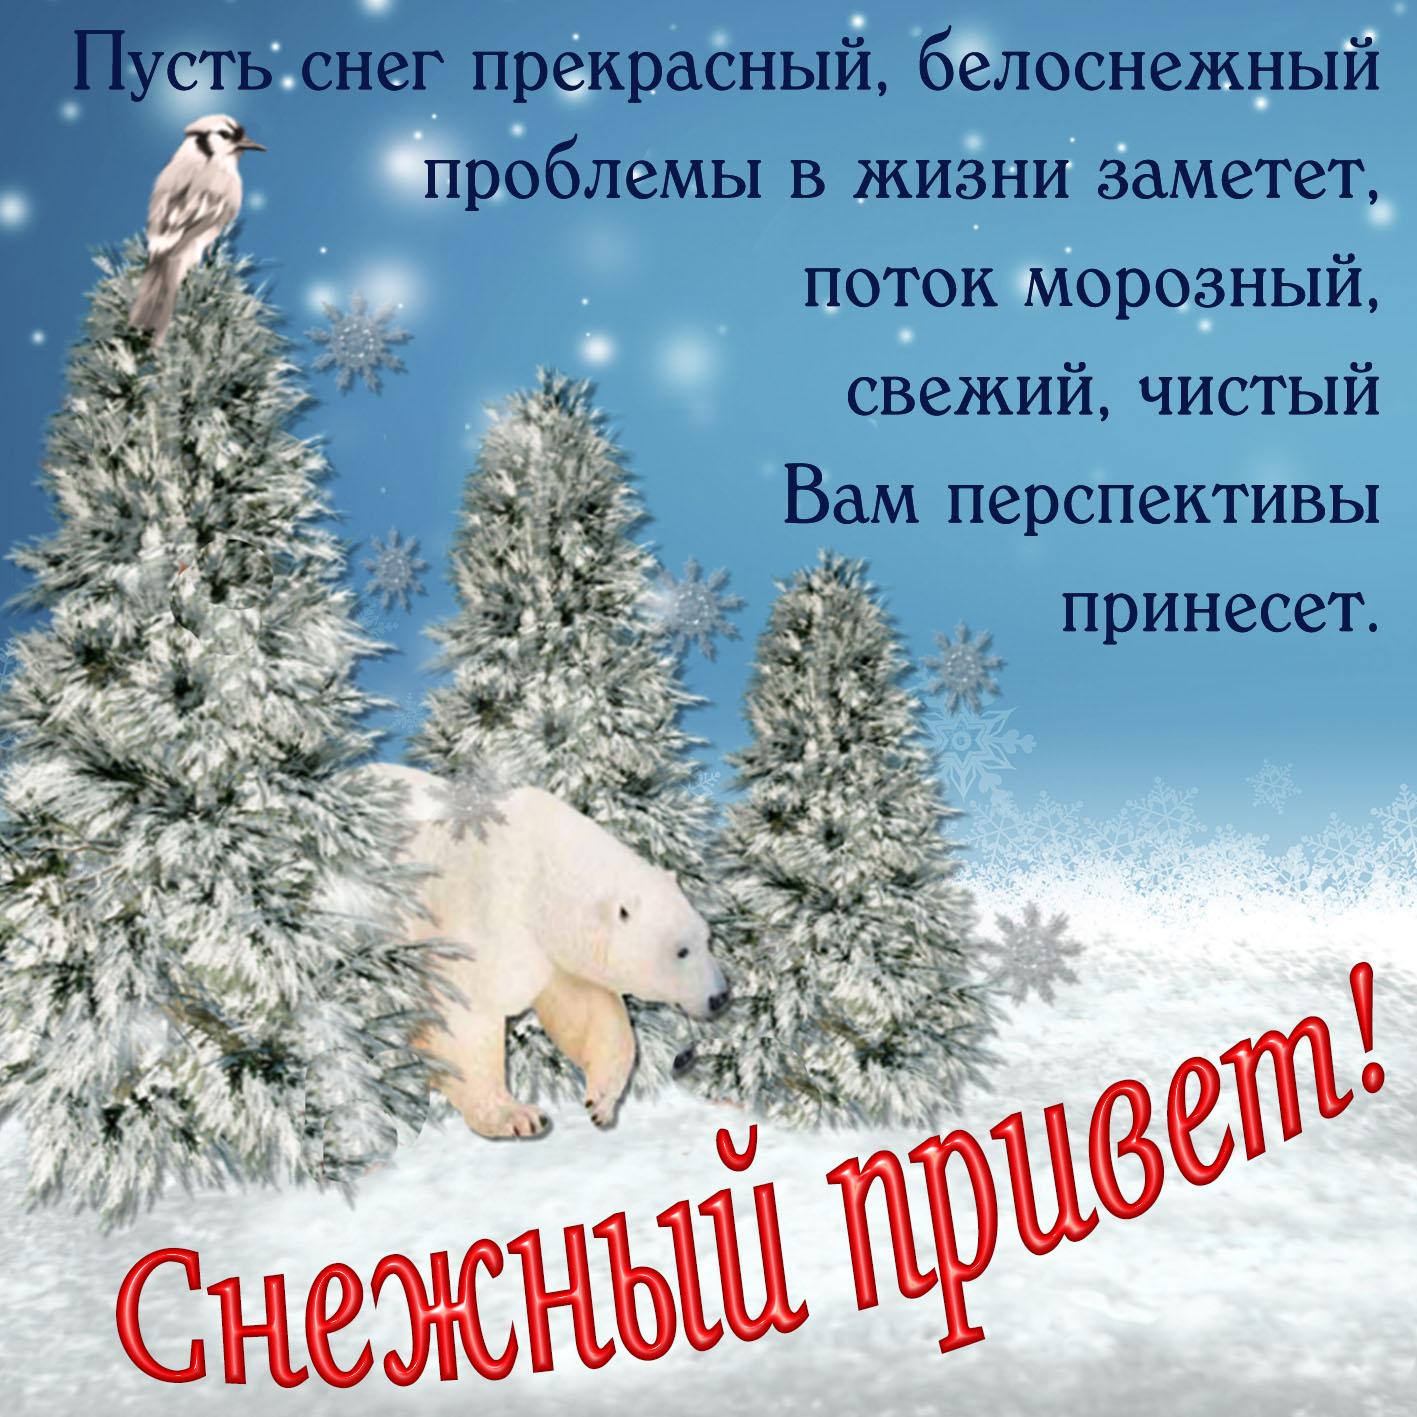 Открытка со снежным приветом от медвежонка